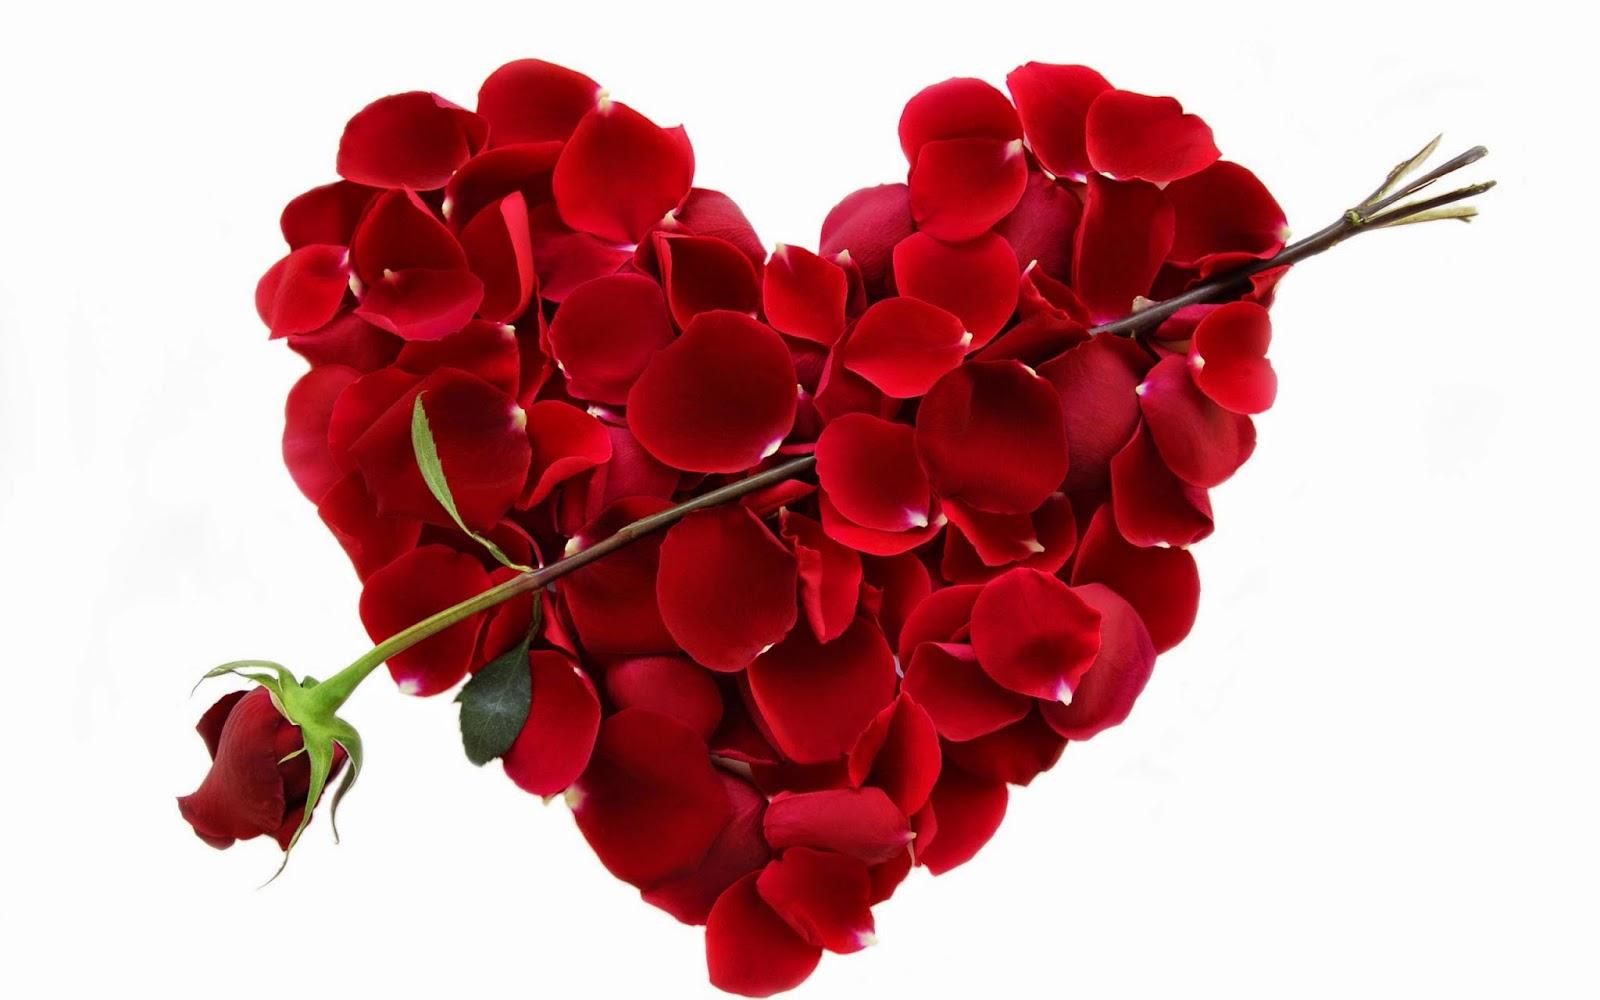 Le Regaliamo Nelle Ricorrenze : Conosciamo Meglio Il Fiore Più Diffuso E Più  Gradito La Rosa.